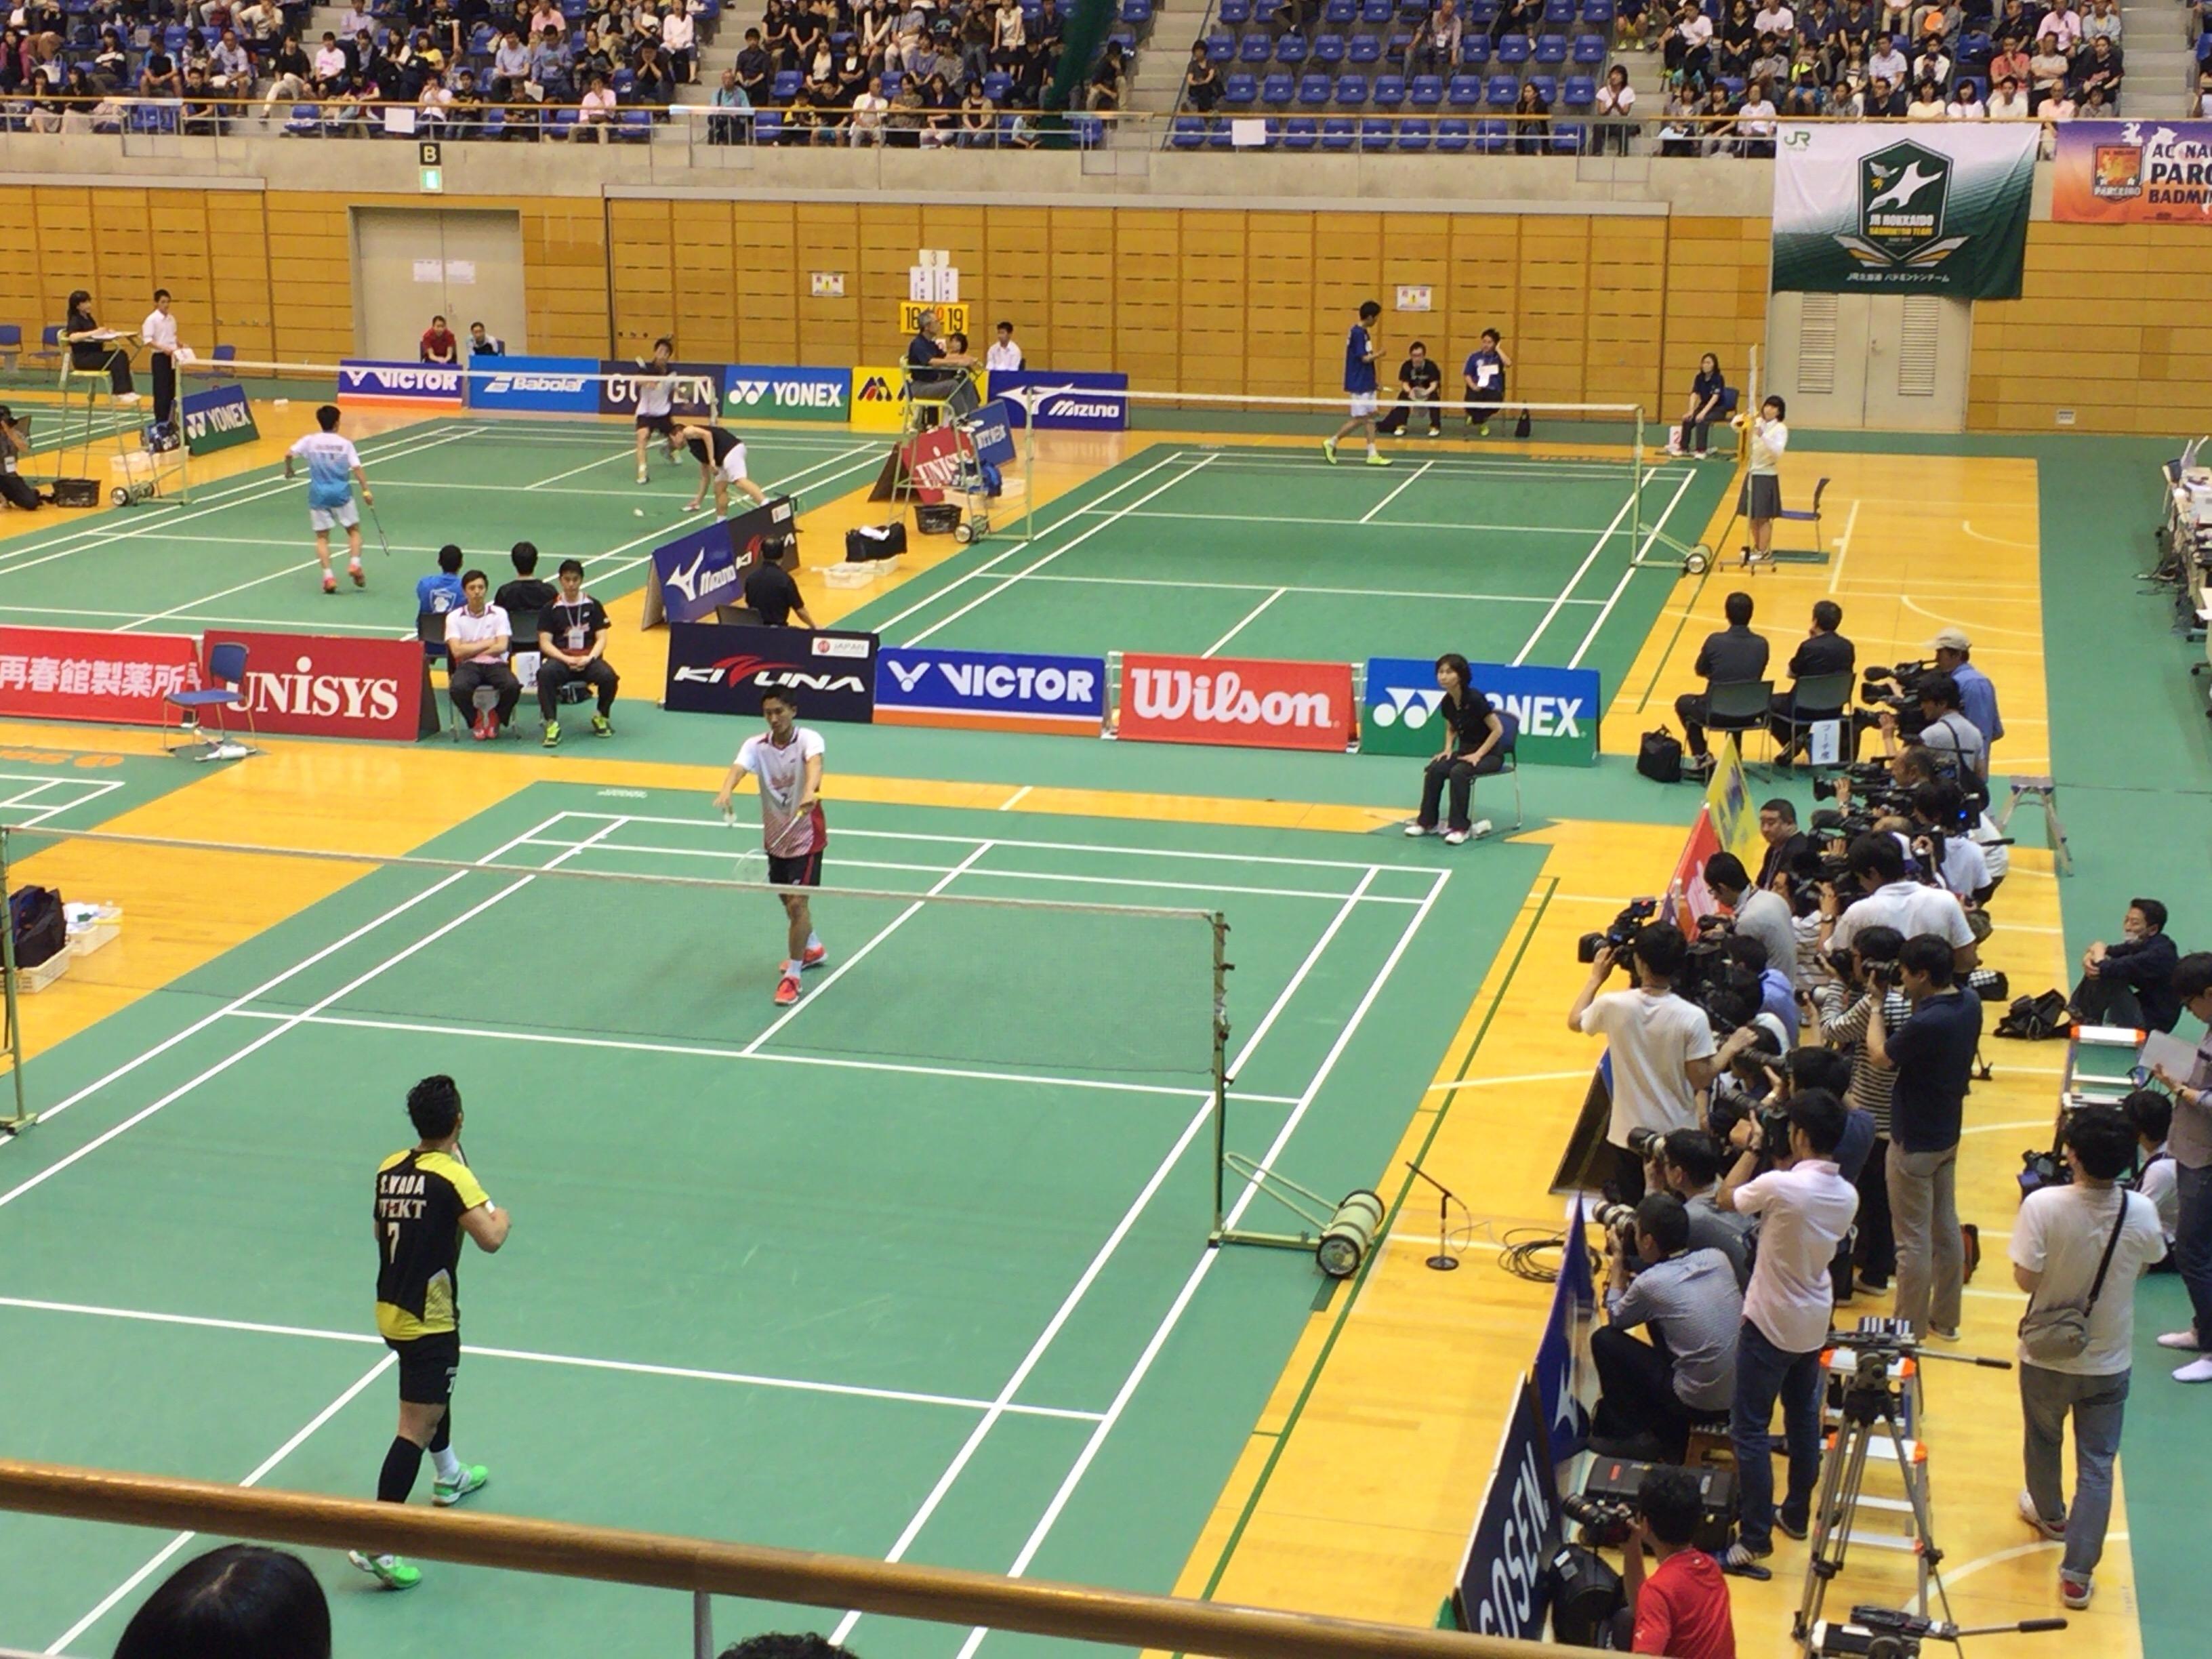 桃田選手復帰戦のランキングサーキットを観戦してきました。